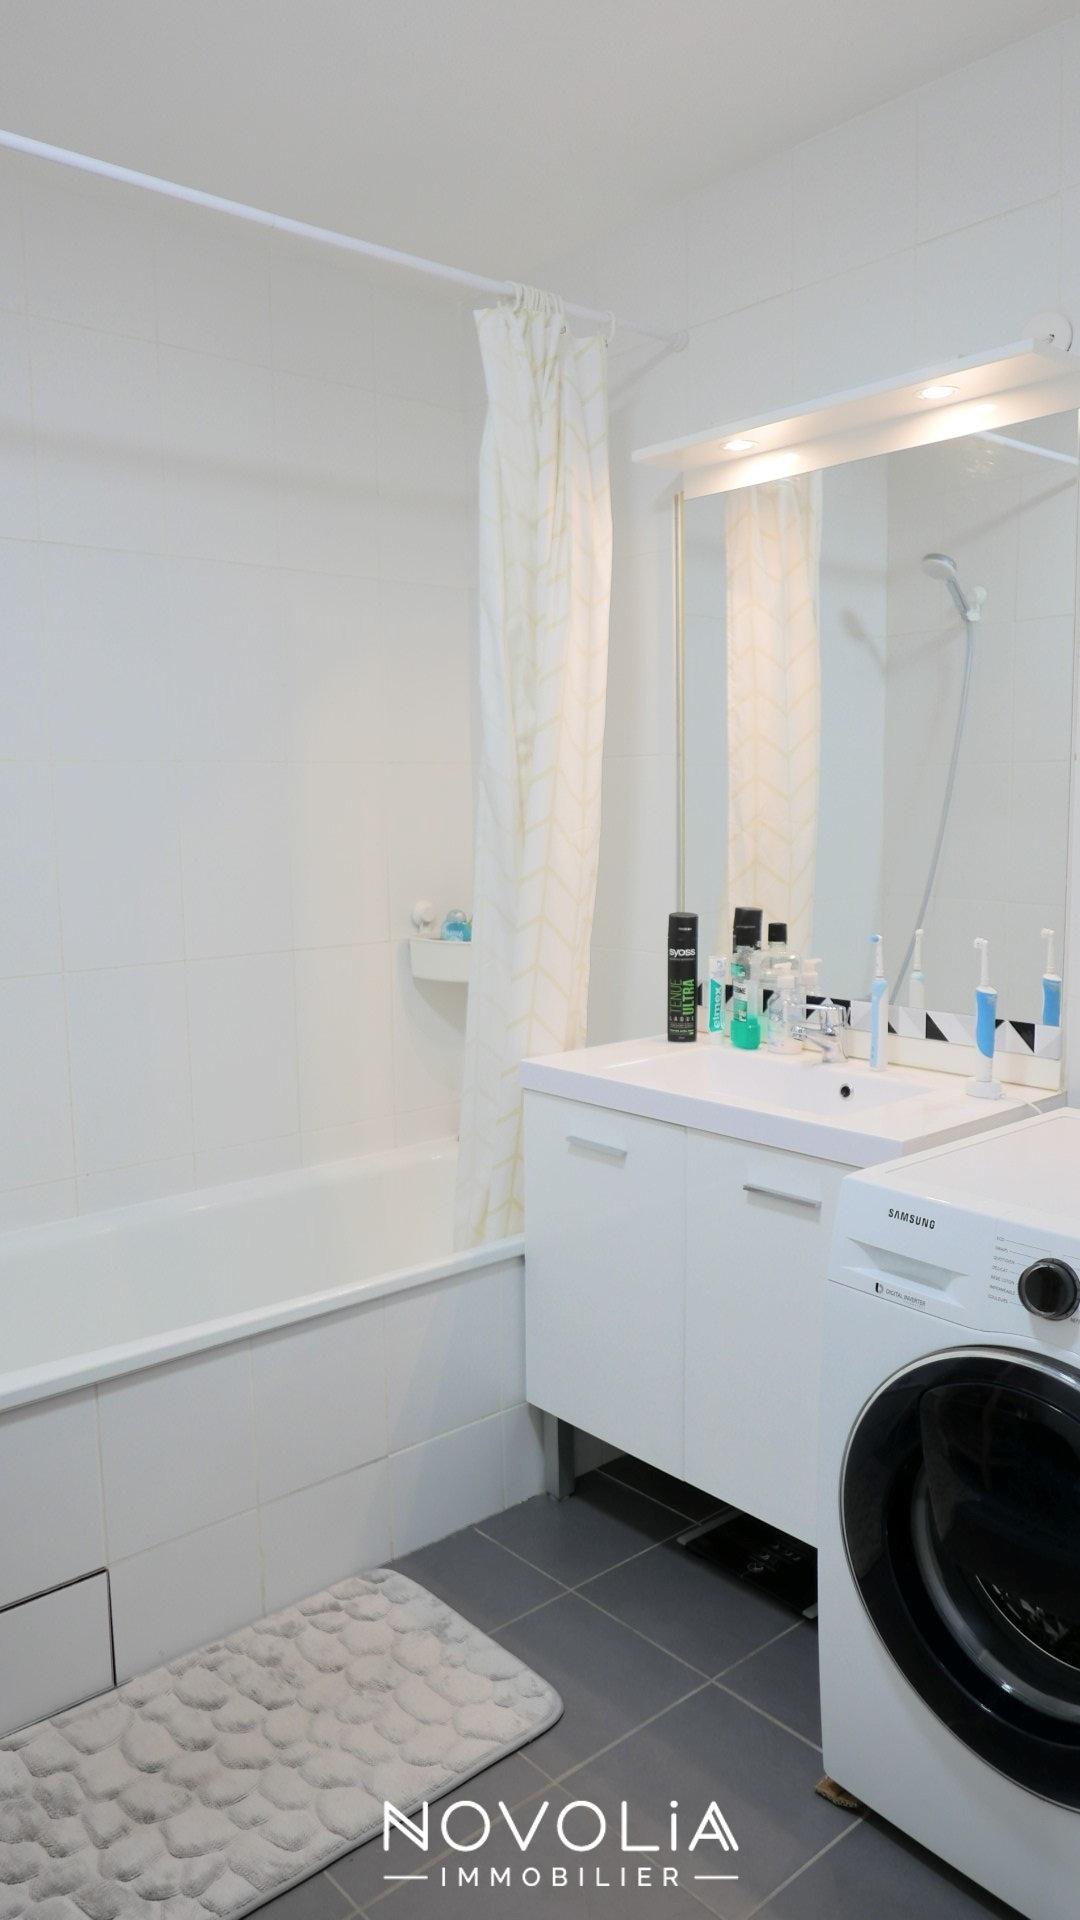 Achat Appartement, Surface de 70.82 m²/ Total carrez : 63.82 m², 3 pièces, Villeurbanne (69100)